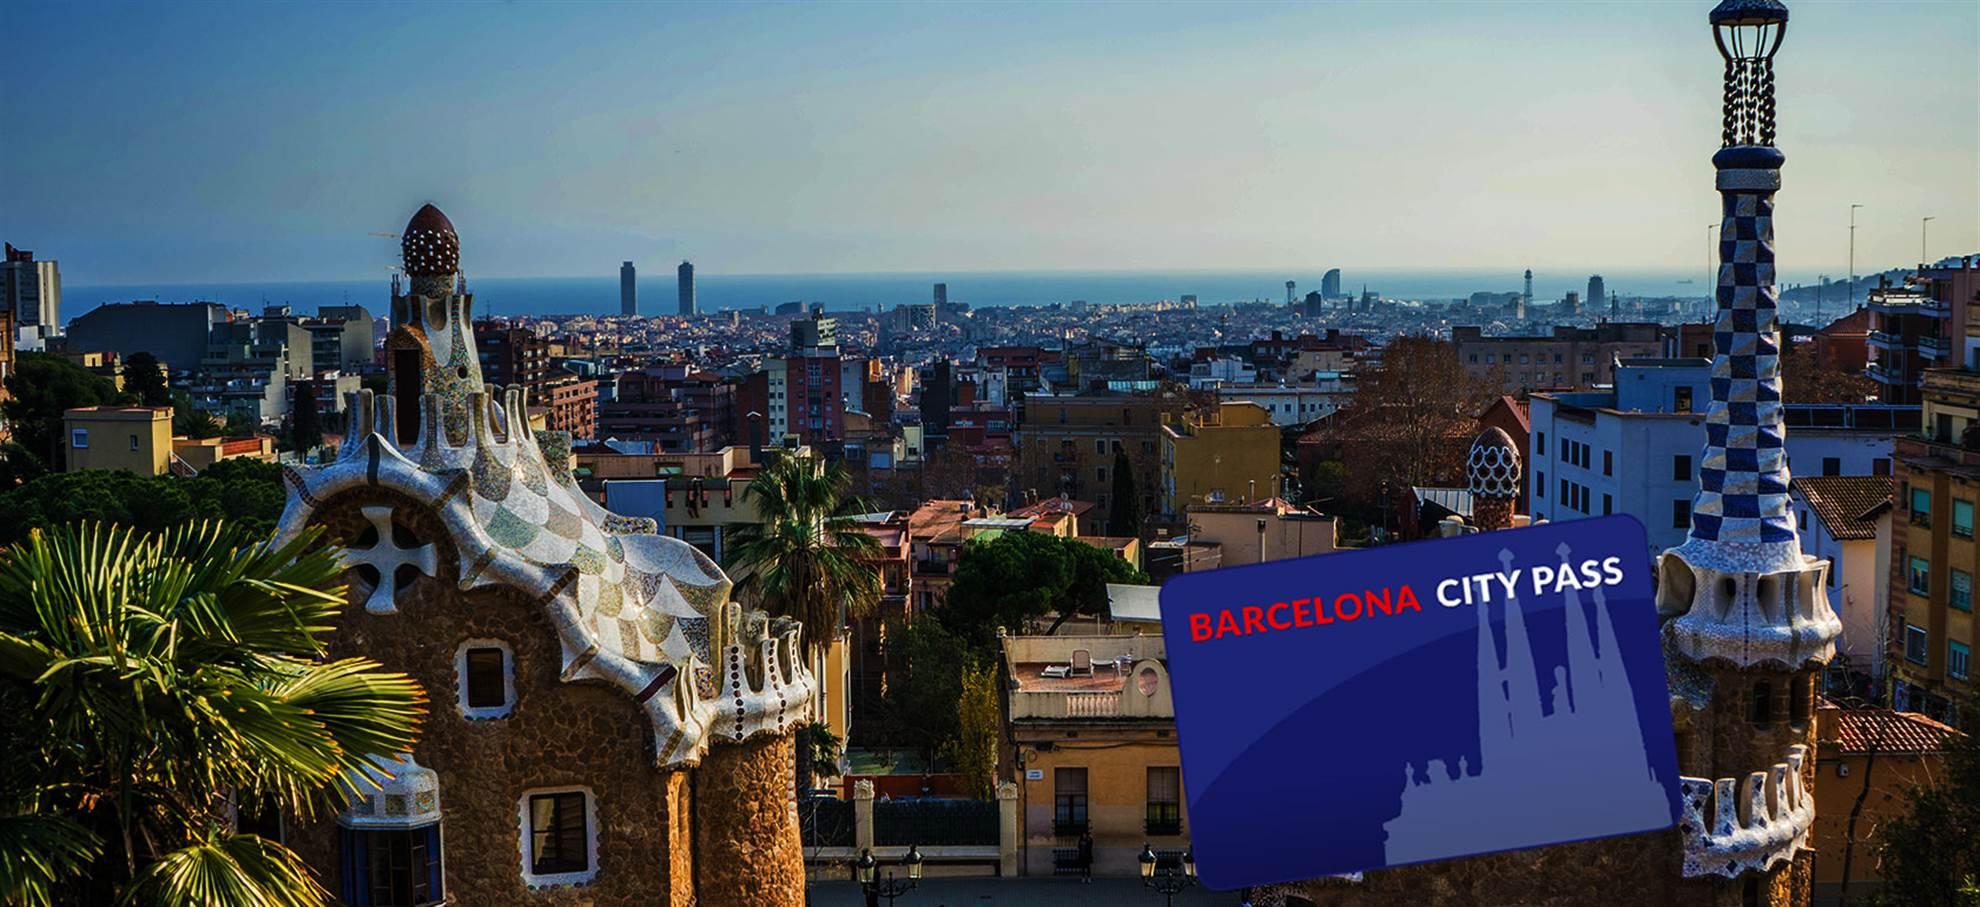 Барселона City Pass (+посещение Собора Святого Семейства и Парк Гуэль)